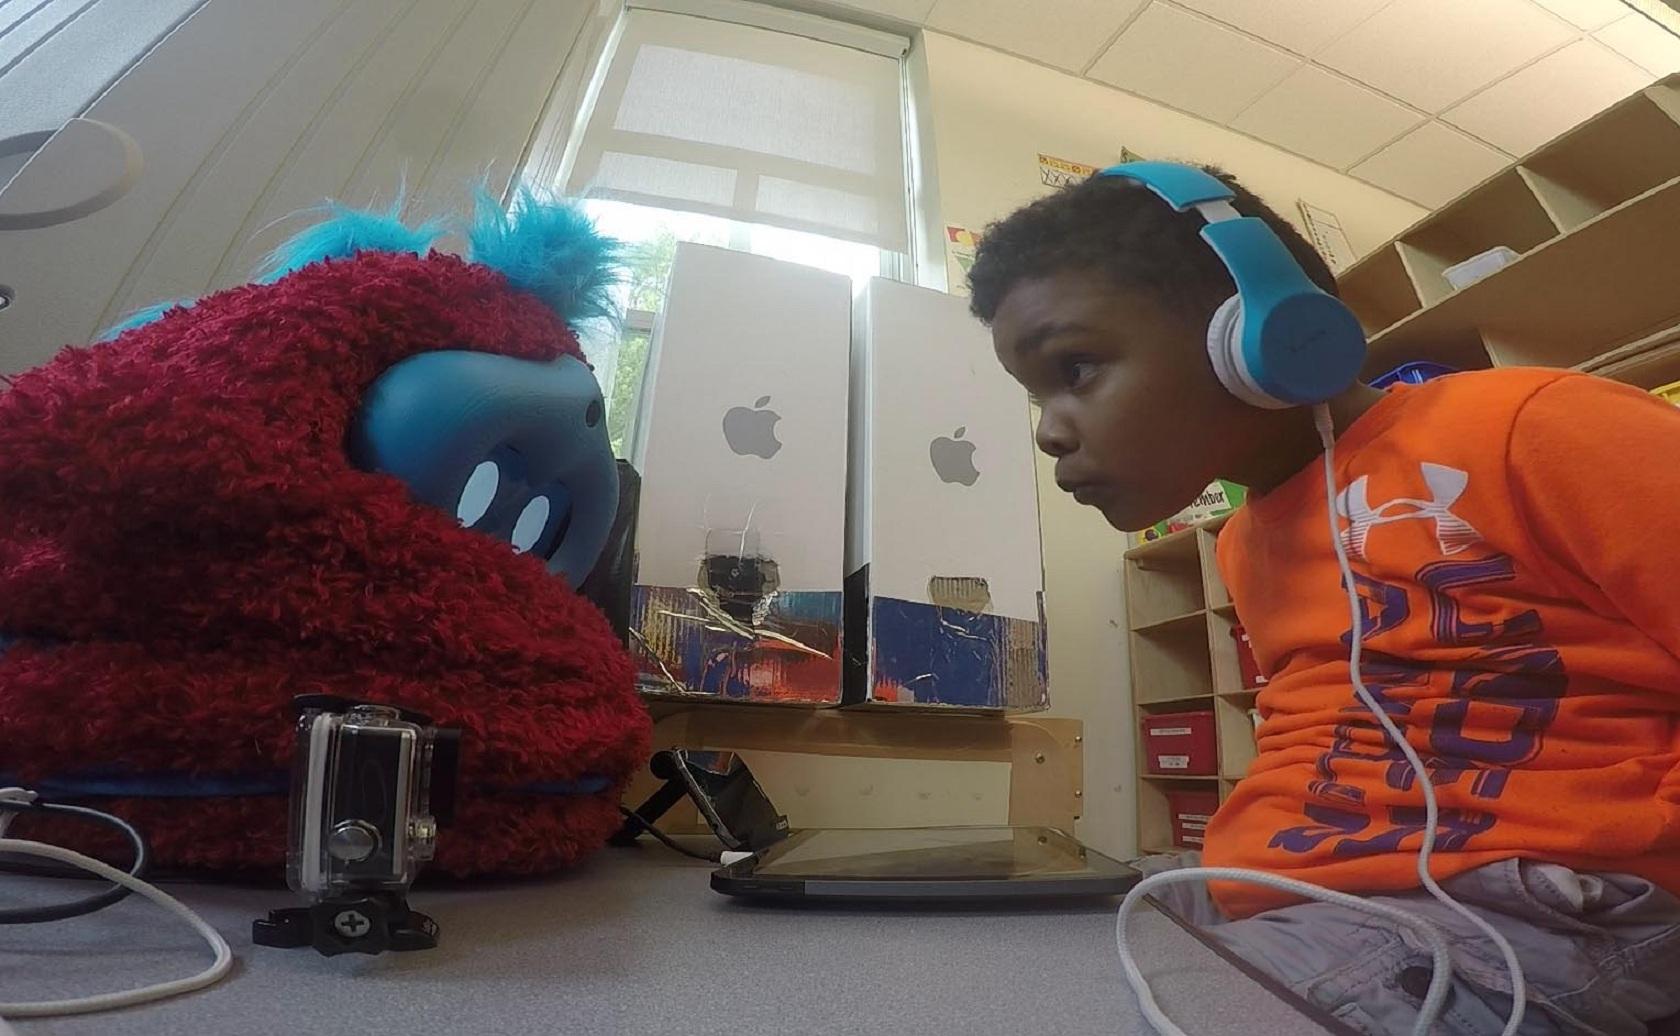 Un niño interactúa con Tega. Fuente: MIT Media Lab